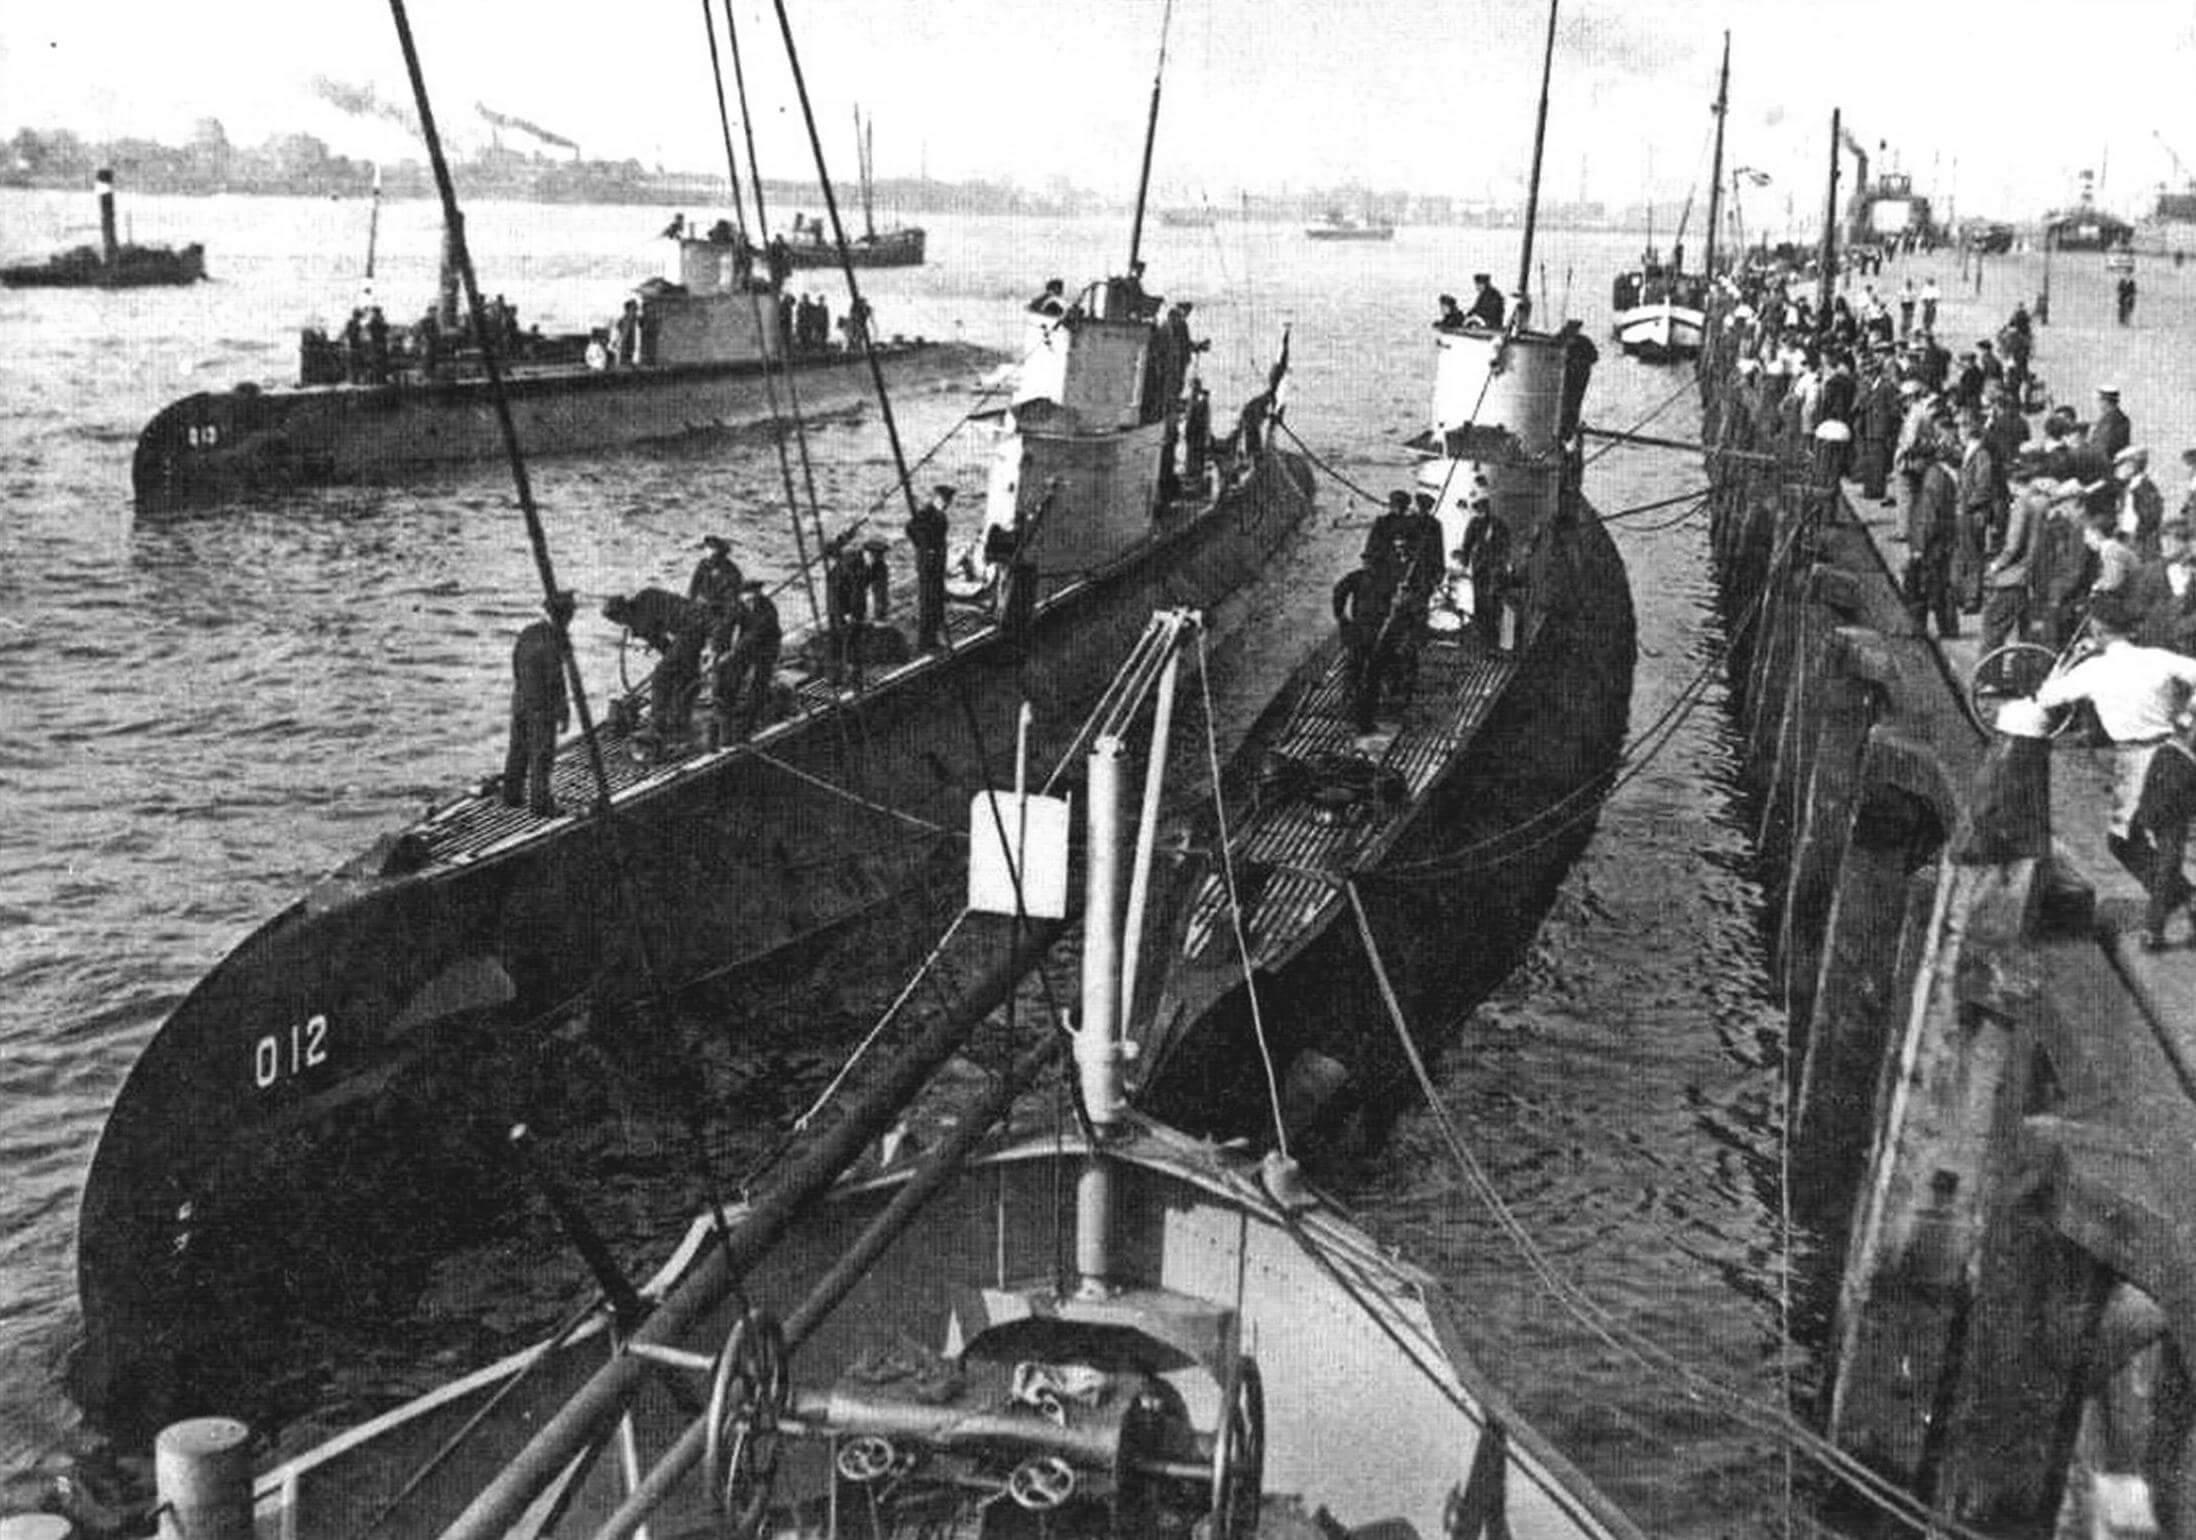 Подводная лодка «О-13» (Голландия, 1932 г.). Строилась на верфи «Де Шельде». Тип конструкции - полуторакорпусный. Водоизмещение надводное/подводное 570/715 т. Размеры: длина 60,5 м, ширина 5,6 м. осадка 3 м. Глубина погружения до 60 м. Двигатель: два дизеля, мощность 1800 л.с., два электромотора, мощность 620 л.с., скорость надводная/ подводная 15/8 уз. Вооружение: пять 533-мм торпедных аппаратов (четыре в носу и один в корме, десять торпед), один-два 40-мм зенитных автомата. Экипаж: 31 чел. В 1932 - 1933 годах построены четыре единицы. «О-12» - «О-15». «О-13» потоплена по ошибке польской ПЛ «Вылк» в июне 1940 г., «О-12» захвачена немцами в мае 1940 г. и затоплена в мае 1945 г. Две других сданы на слом в 1944-1947 годах.